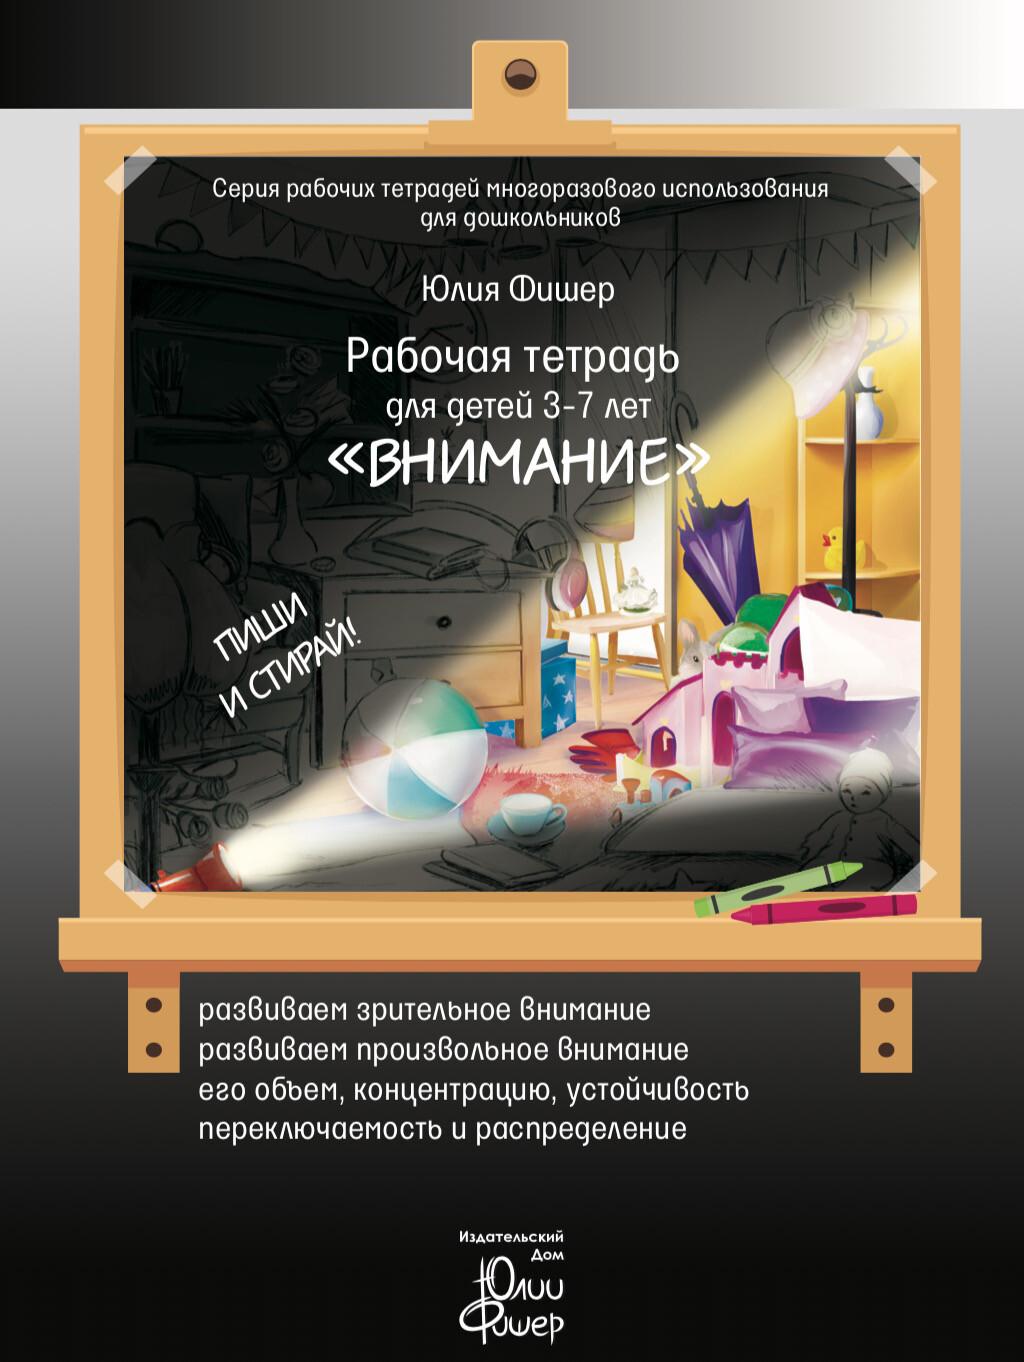 Рабочая тетрадь для детей 3-7 лет «Внимание». Маркер в комплекте (зелёный)